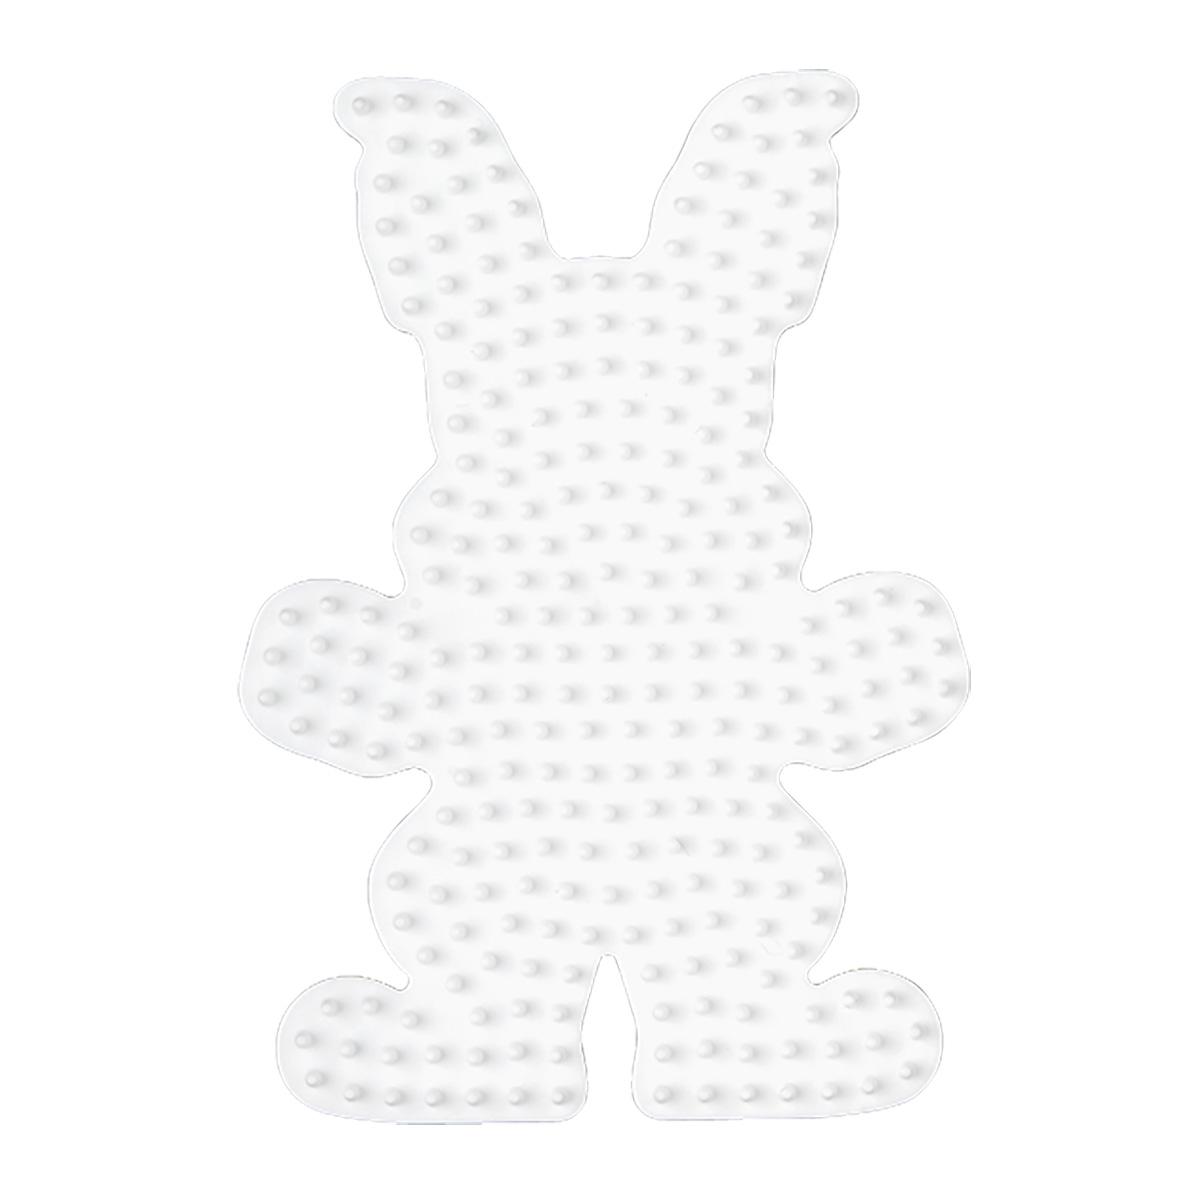 ハマビーズ ボード ウサギ(白)